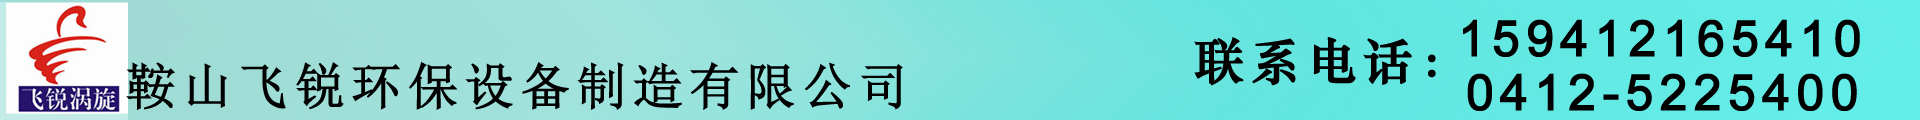 鞍山飛銳環保設備製造有限公司